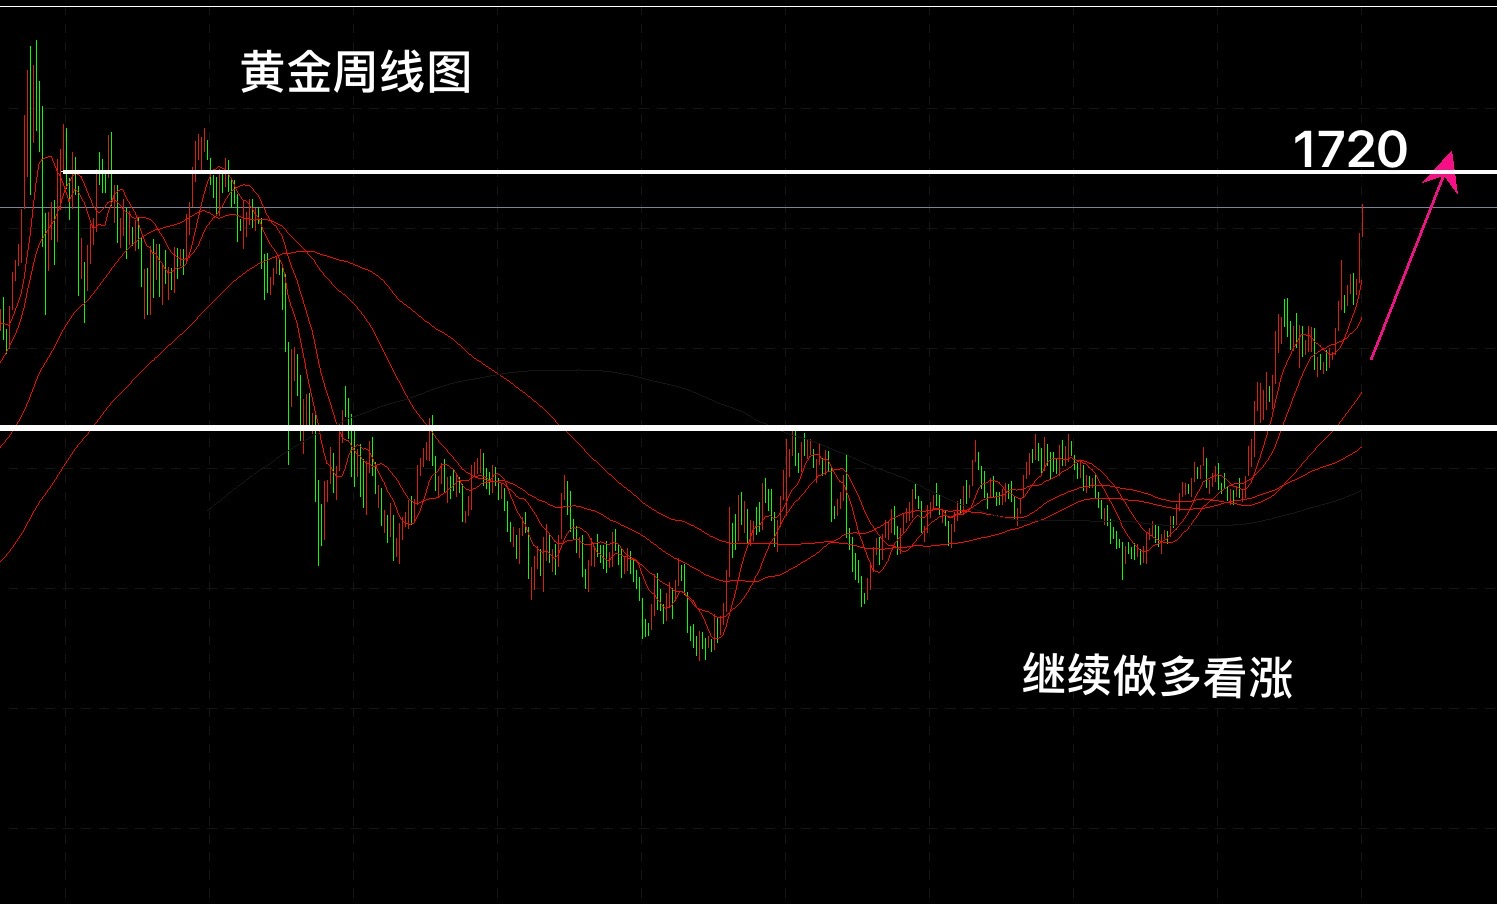 http://www.weixinrensheng.com/caijingmi/1578128.html